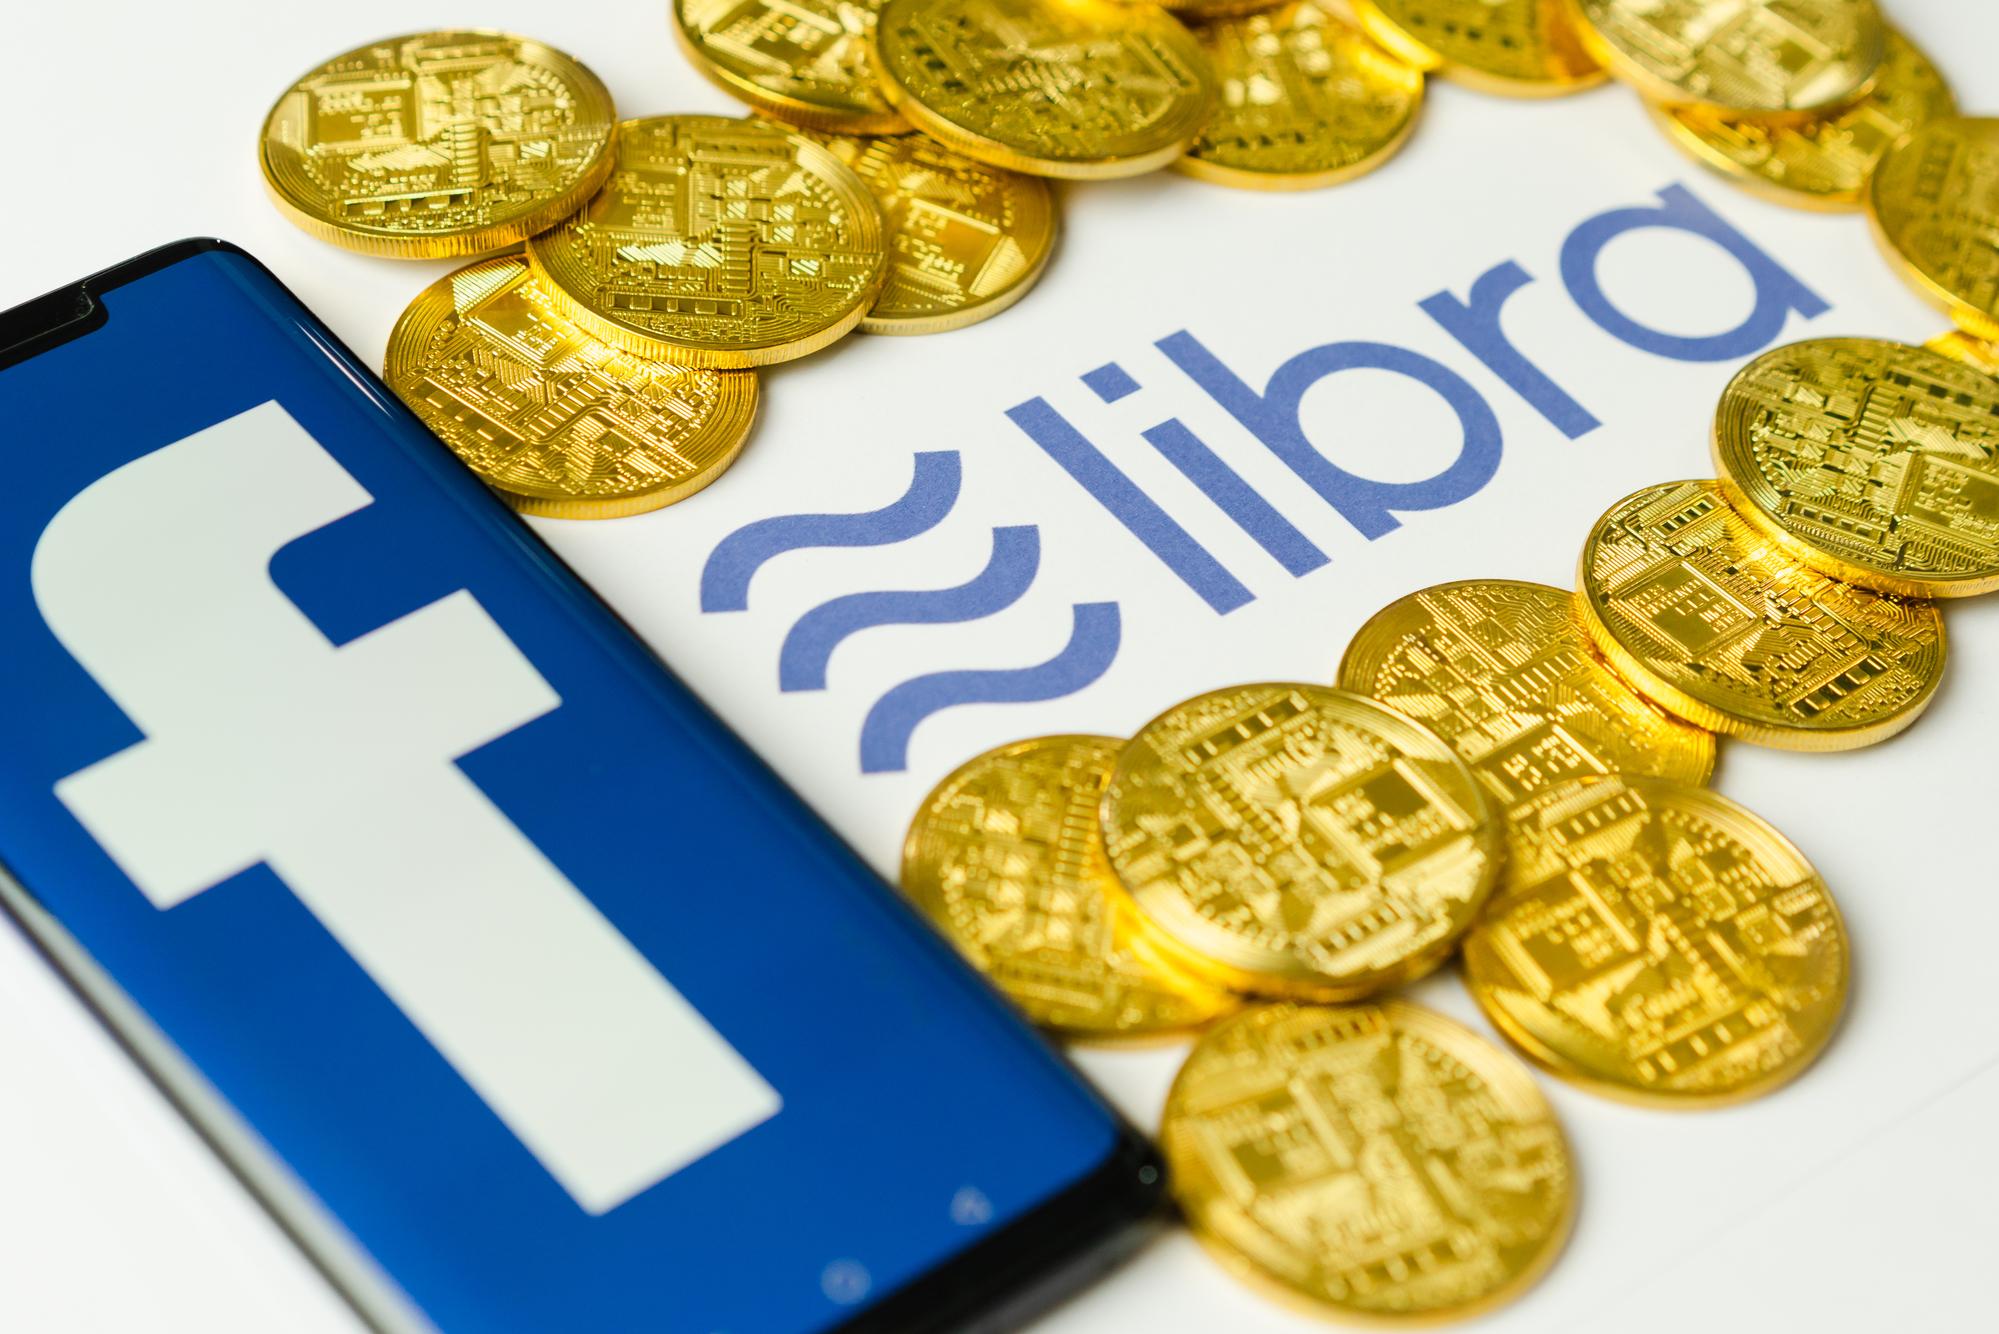 Libra crypto Facebook